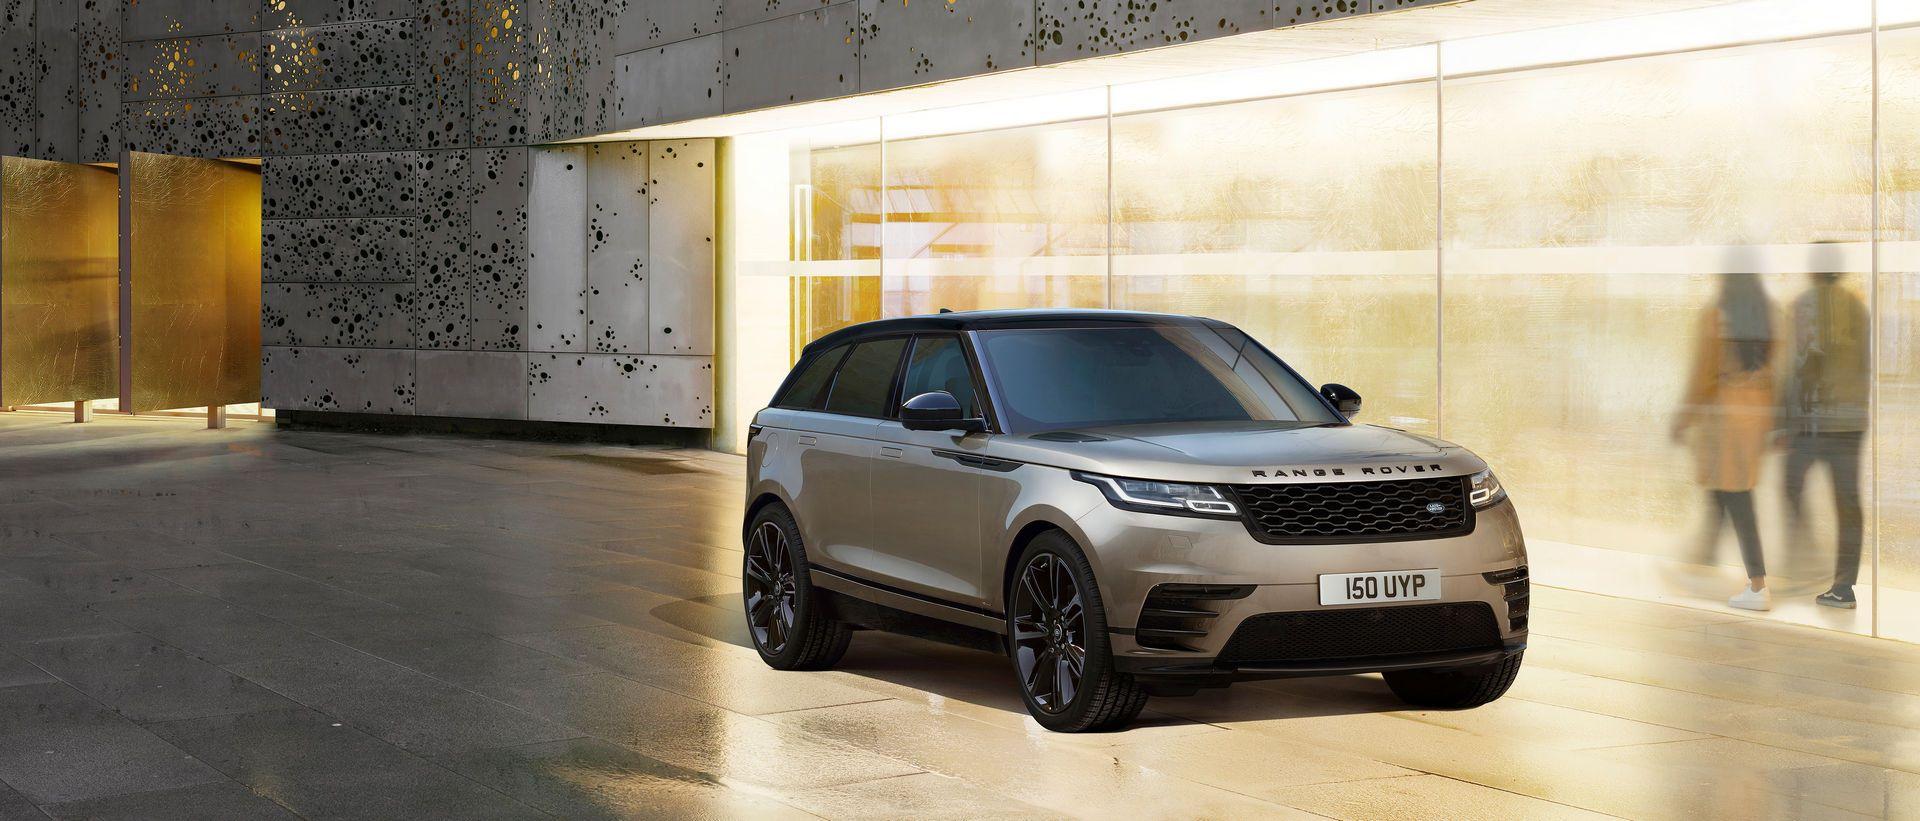 Range-Rover-Velar-2021-21